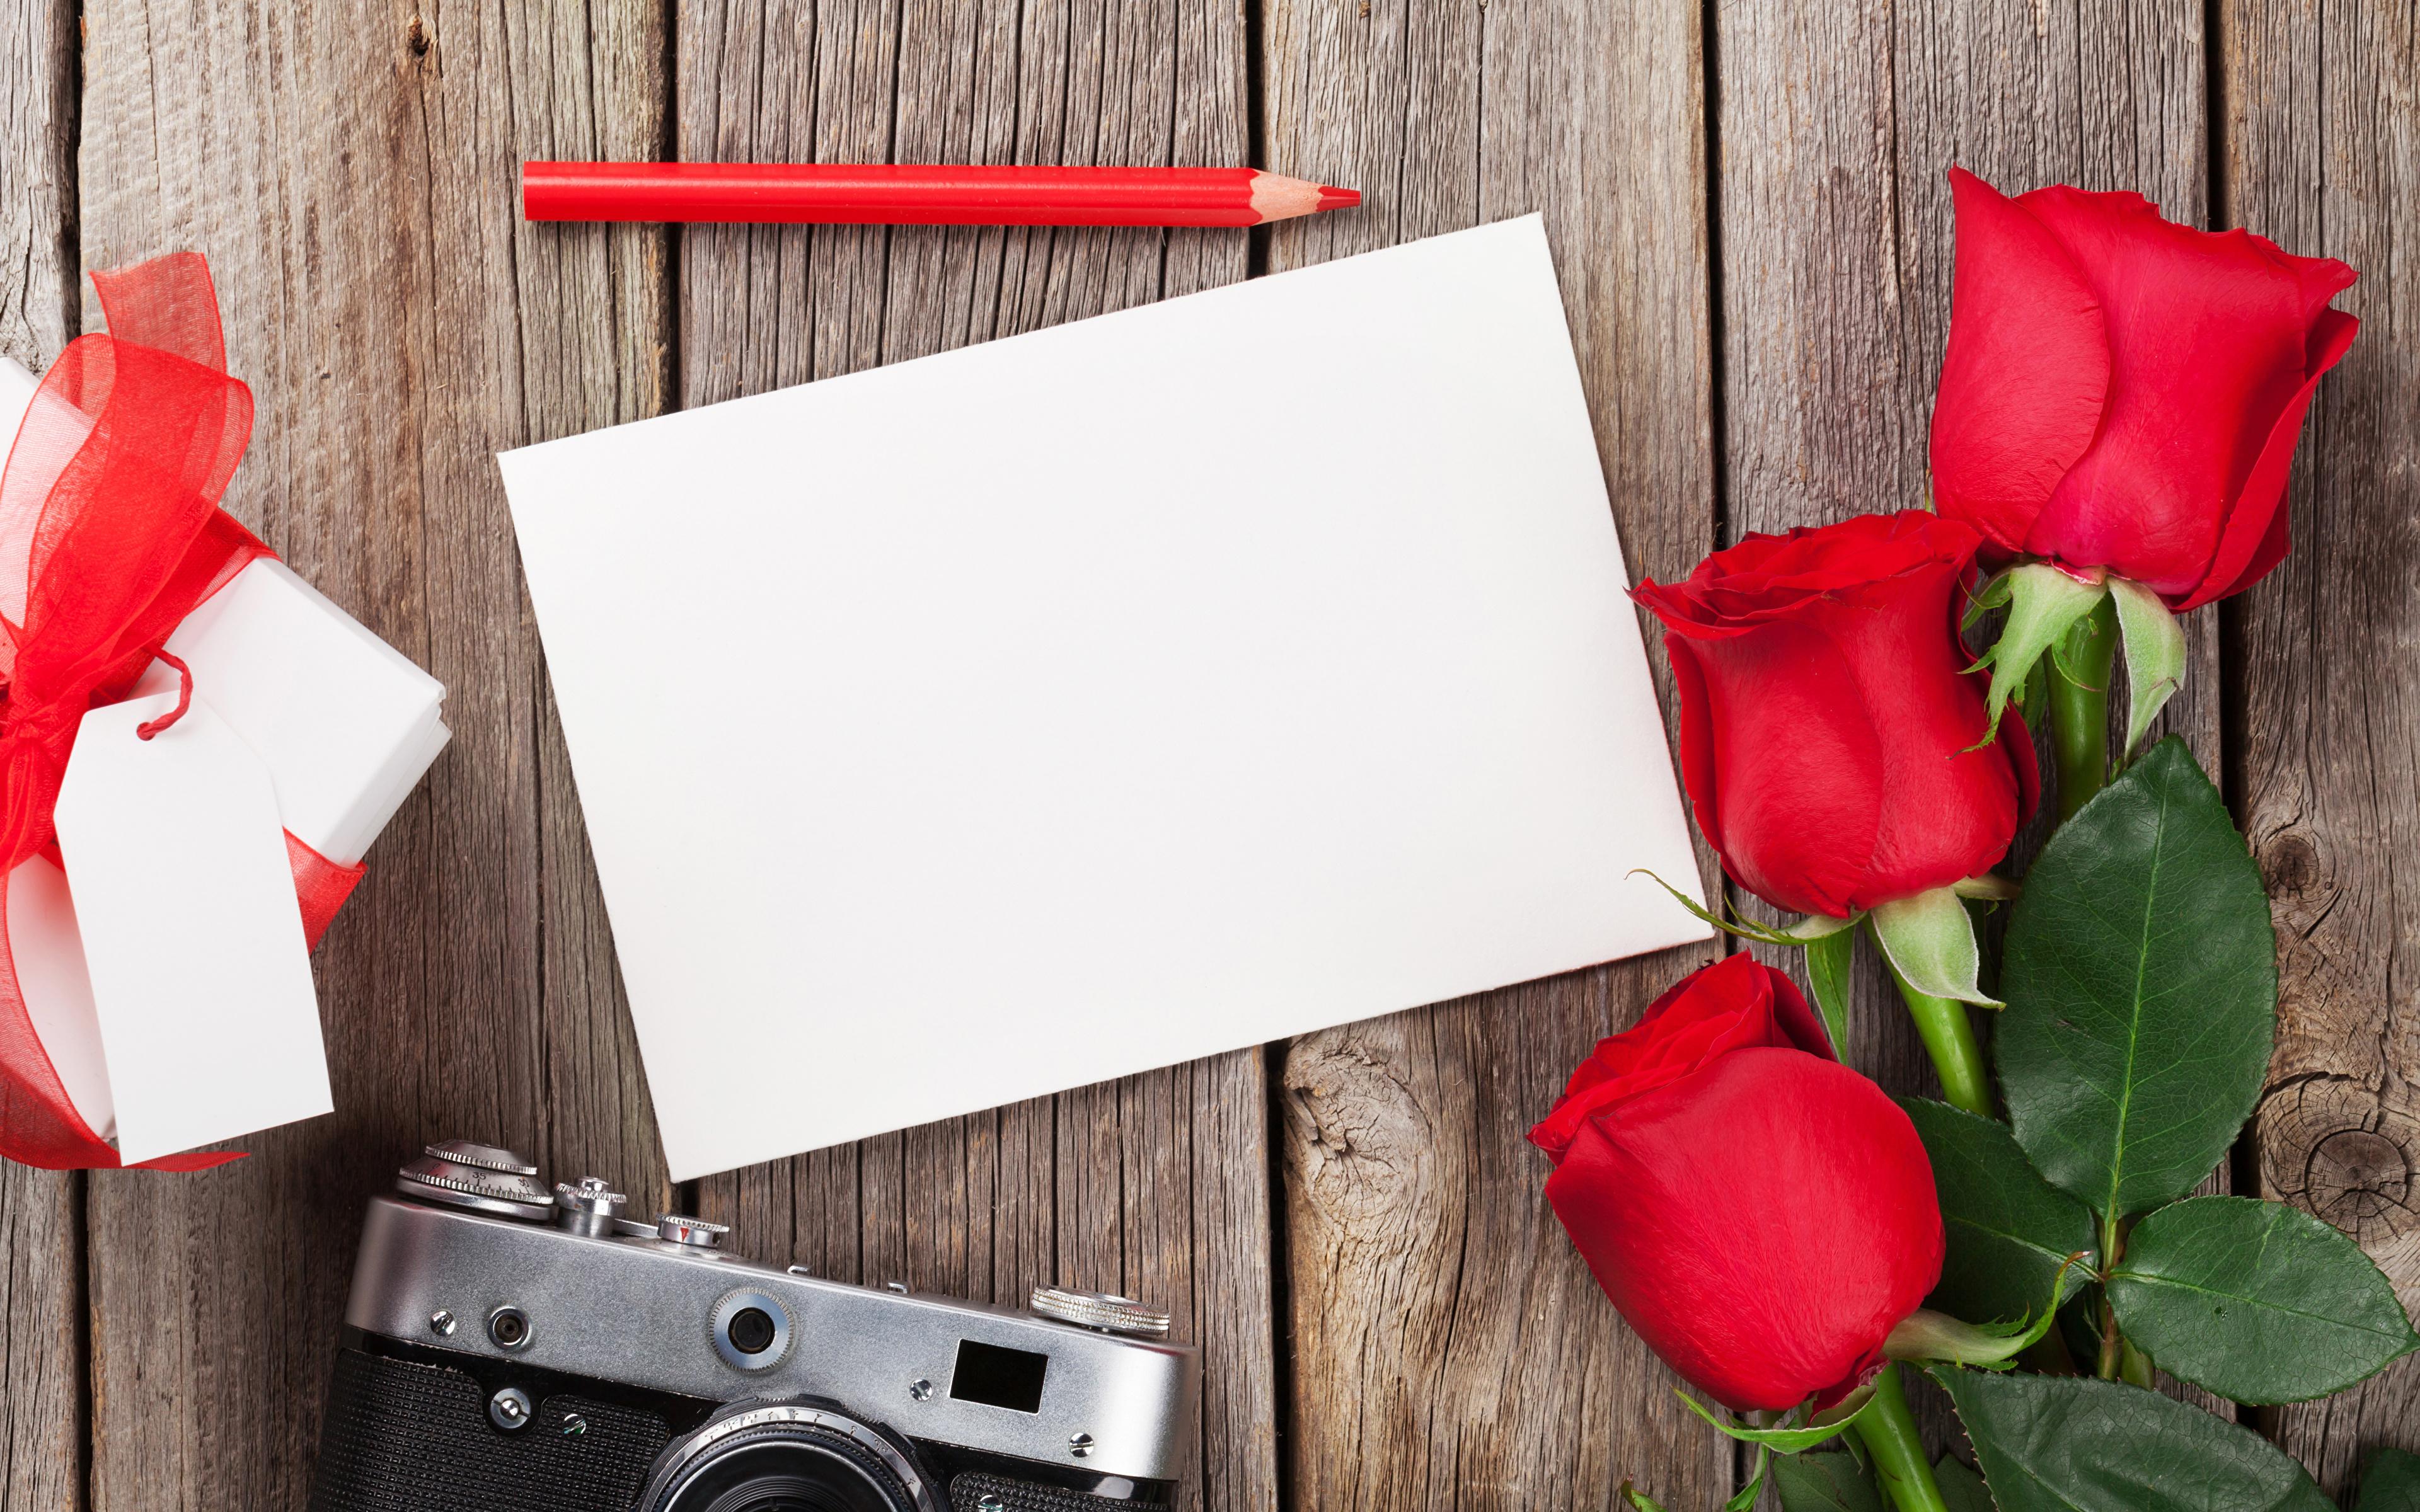 Обои для рабочего стола карандаш Лист бумаги Розы цветок втроем Шаблон поздравительной открытки Праздники Доски 3840x2400 Карандаши карандаша карандашей роза Цветы три Трое 3